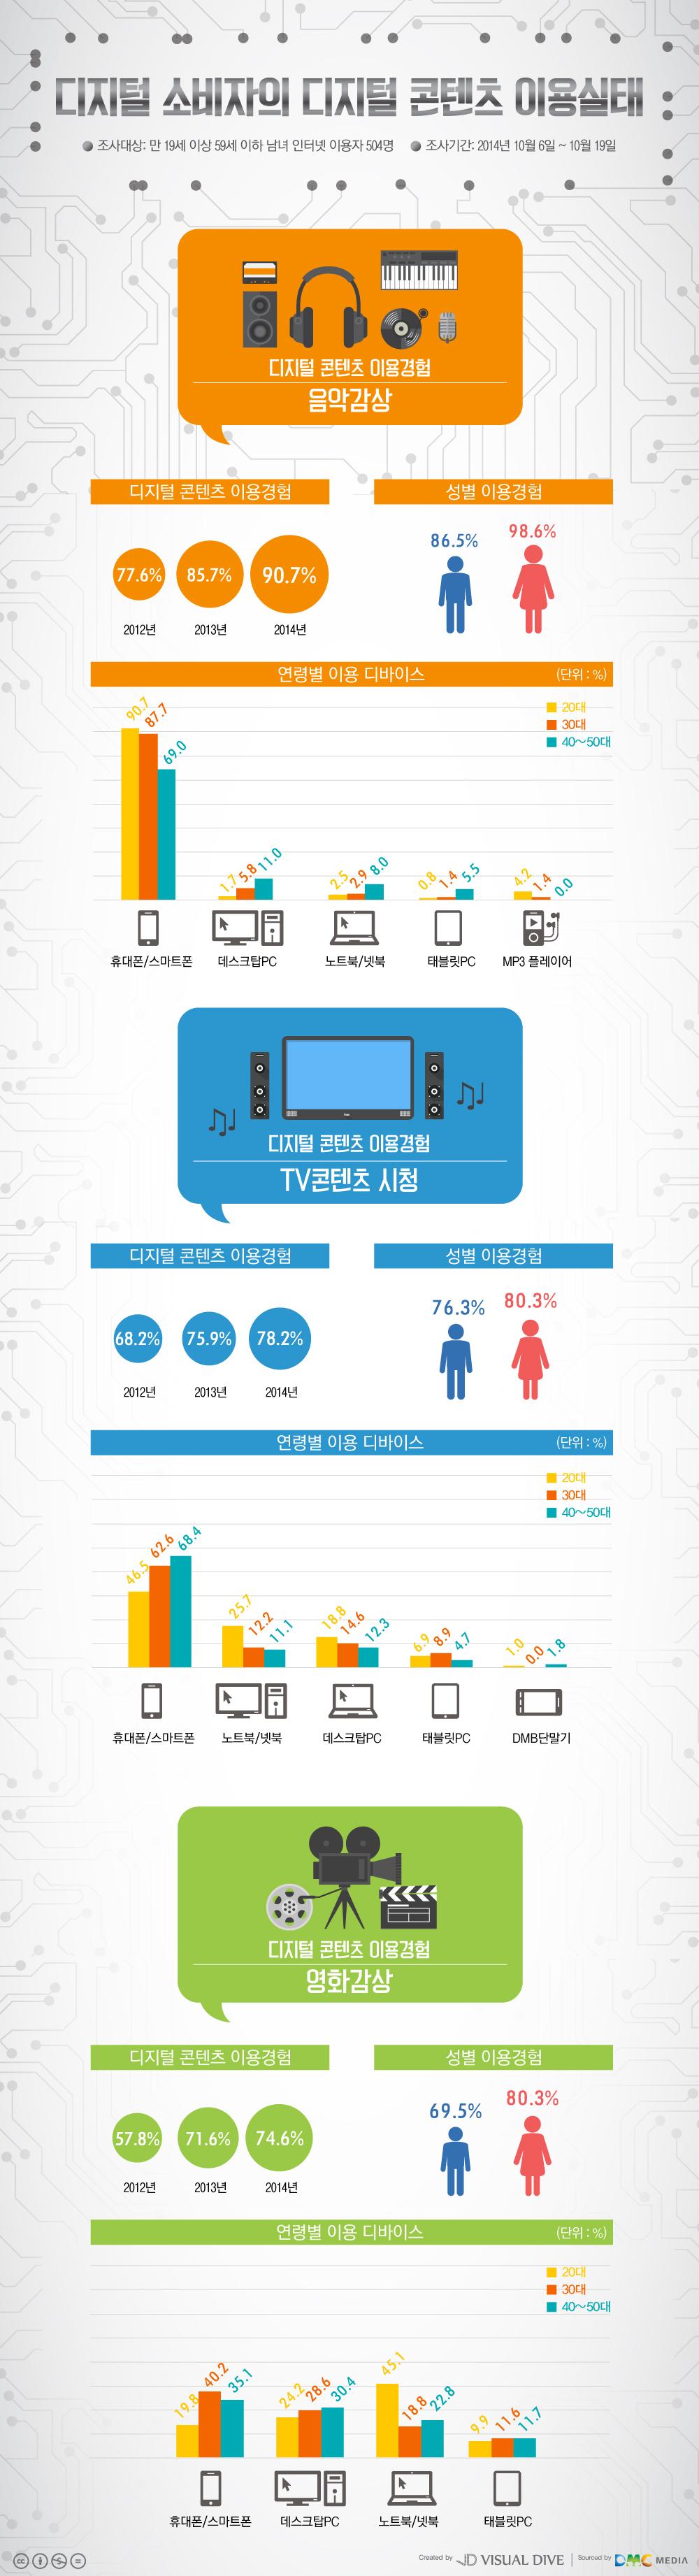 음악‧TV‧영화 디지털 콘텐츠, 여성이 남성보다 이용률 높아 [인포그래픽] #Digital contents / #Infographic ⓒ 비주얼다이브 무단 복사·전재·재배포 금지